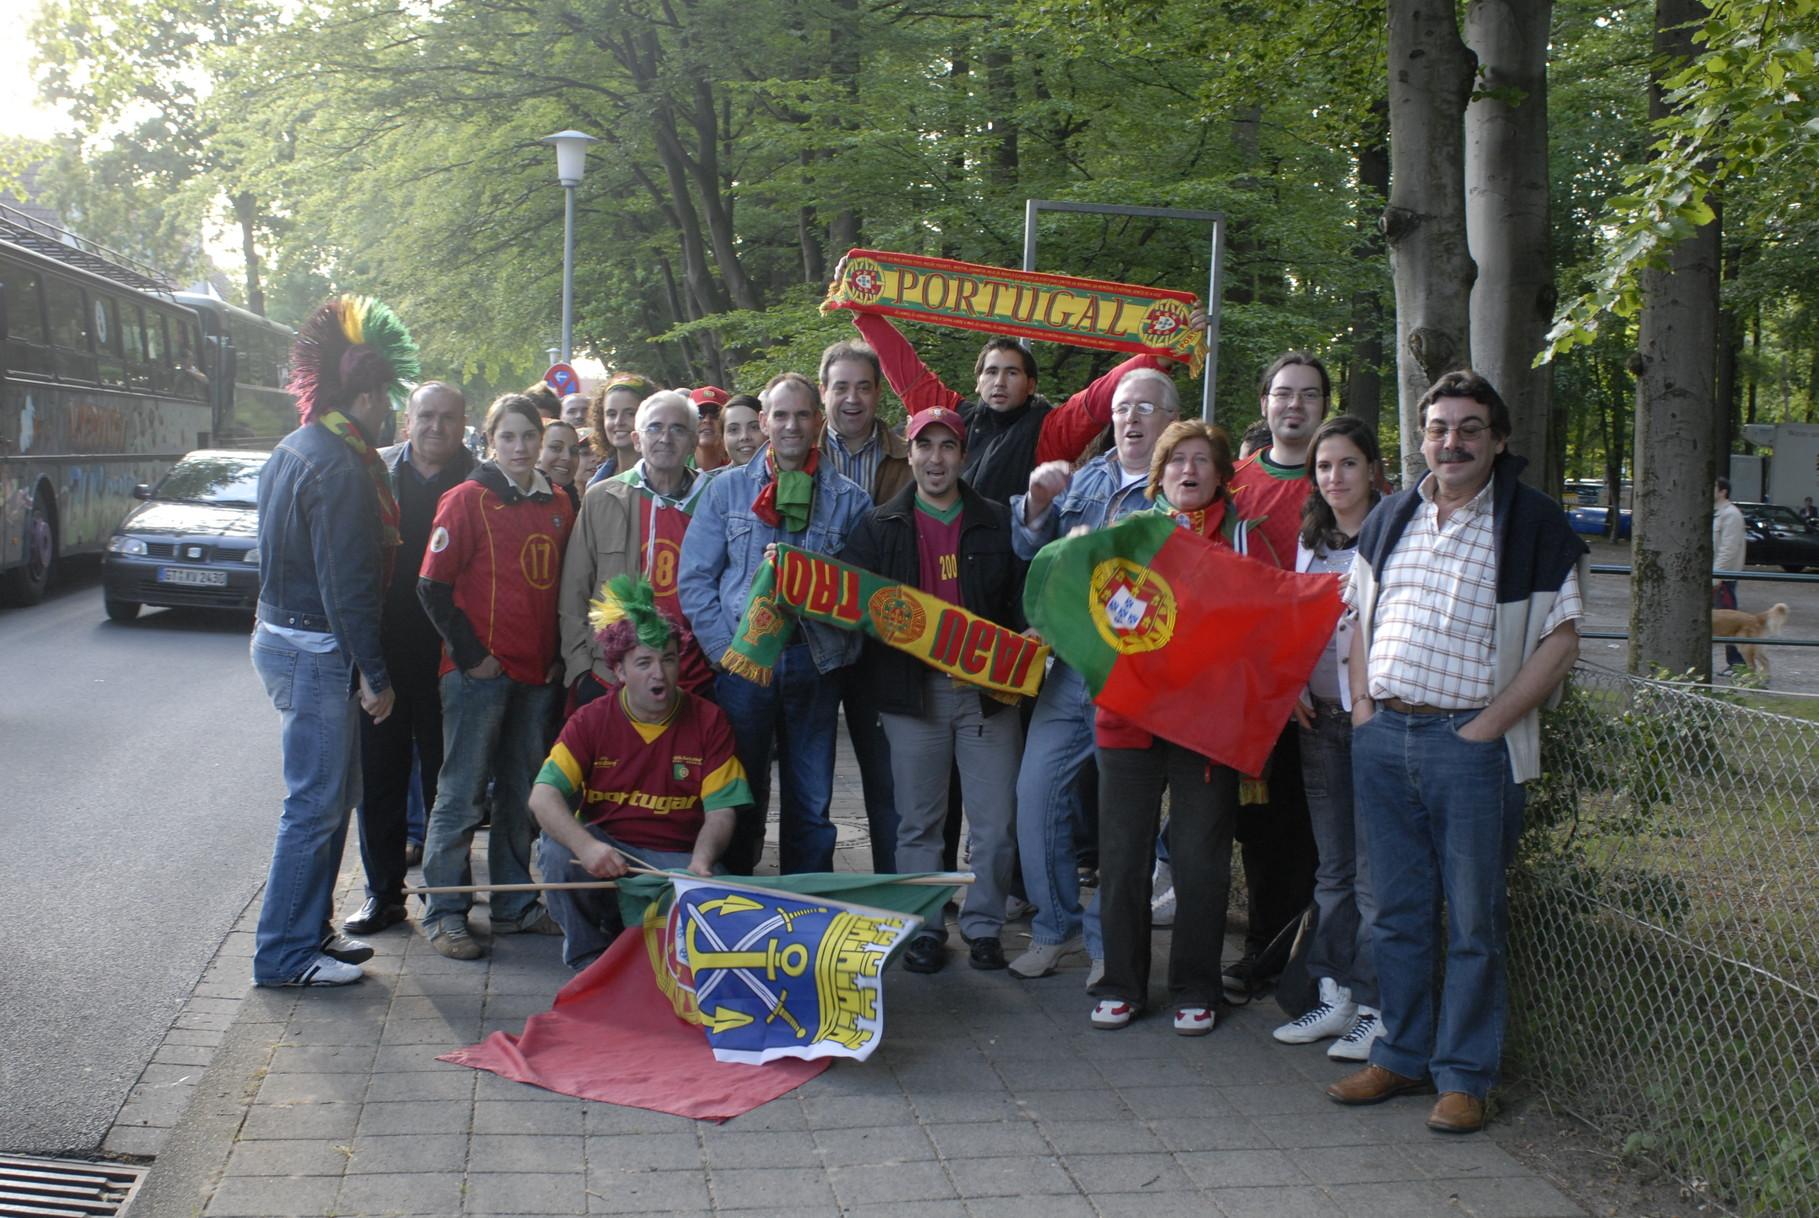 Portugueses apoiam selecção nacional de futebol na Alemanha, 2006